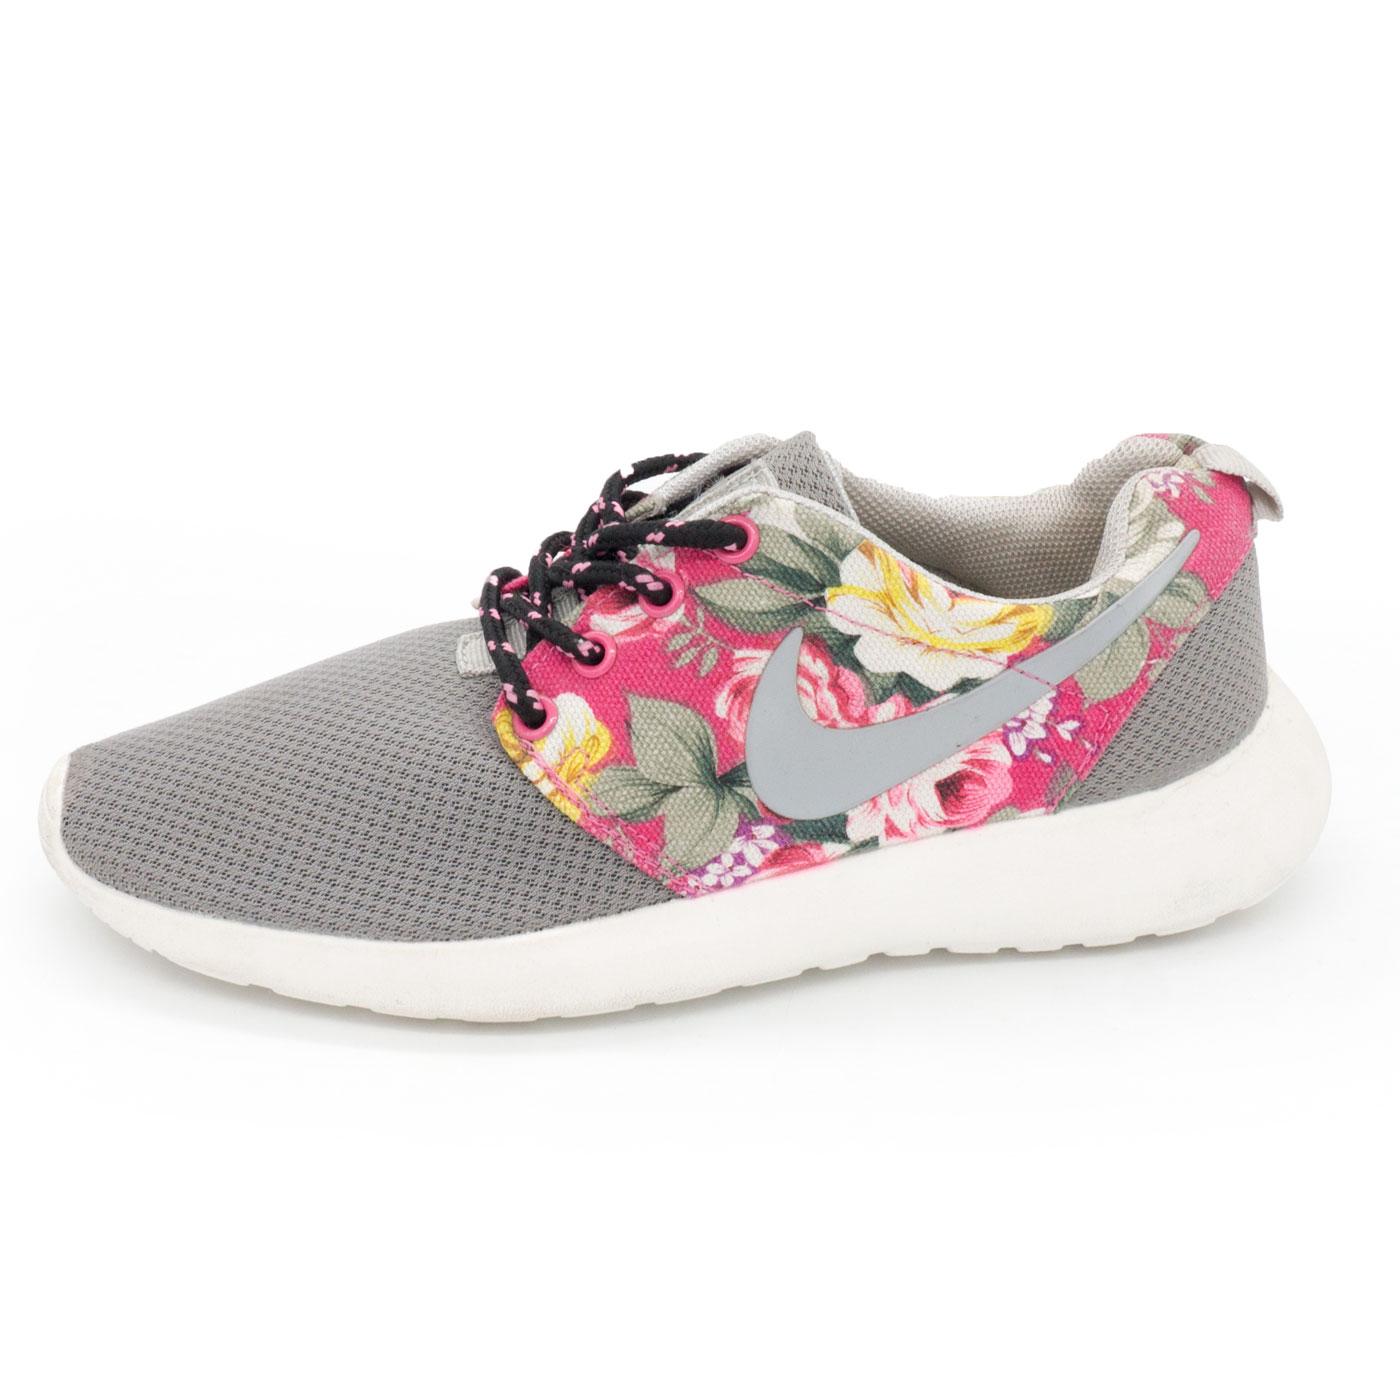 фото main Женские кроссовки Nike Roshe Run серые в цветочек main